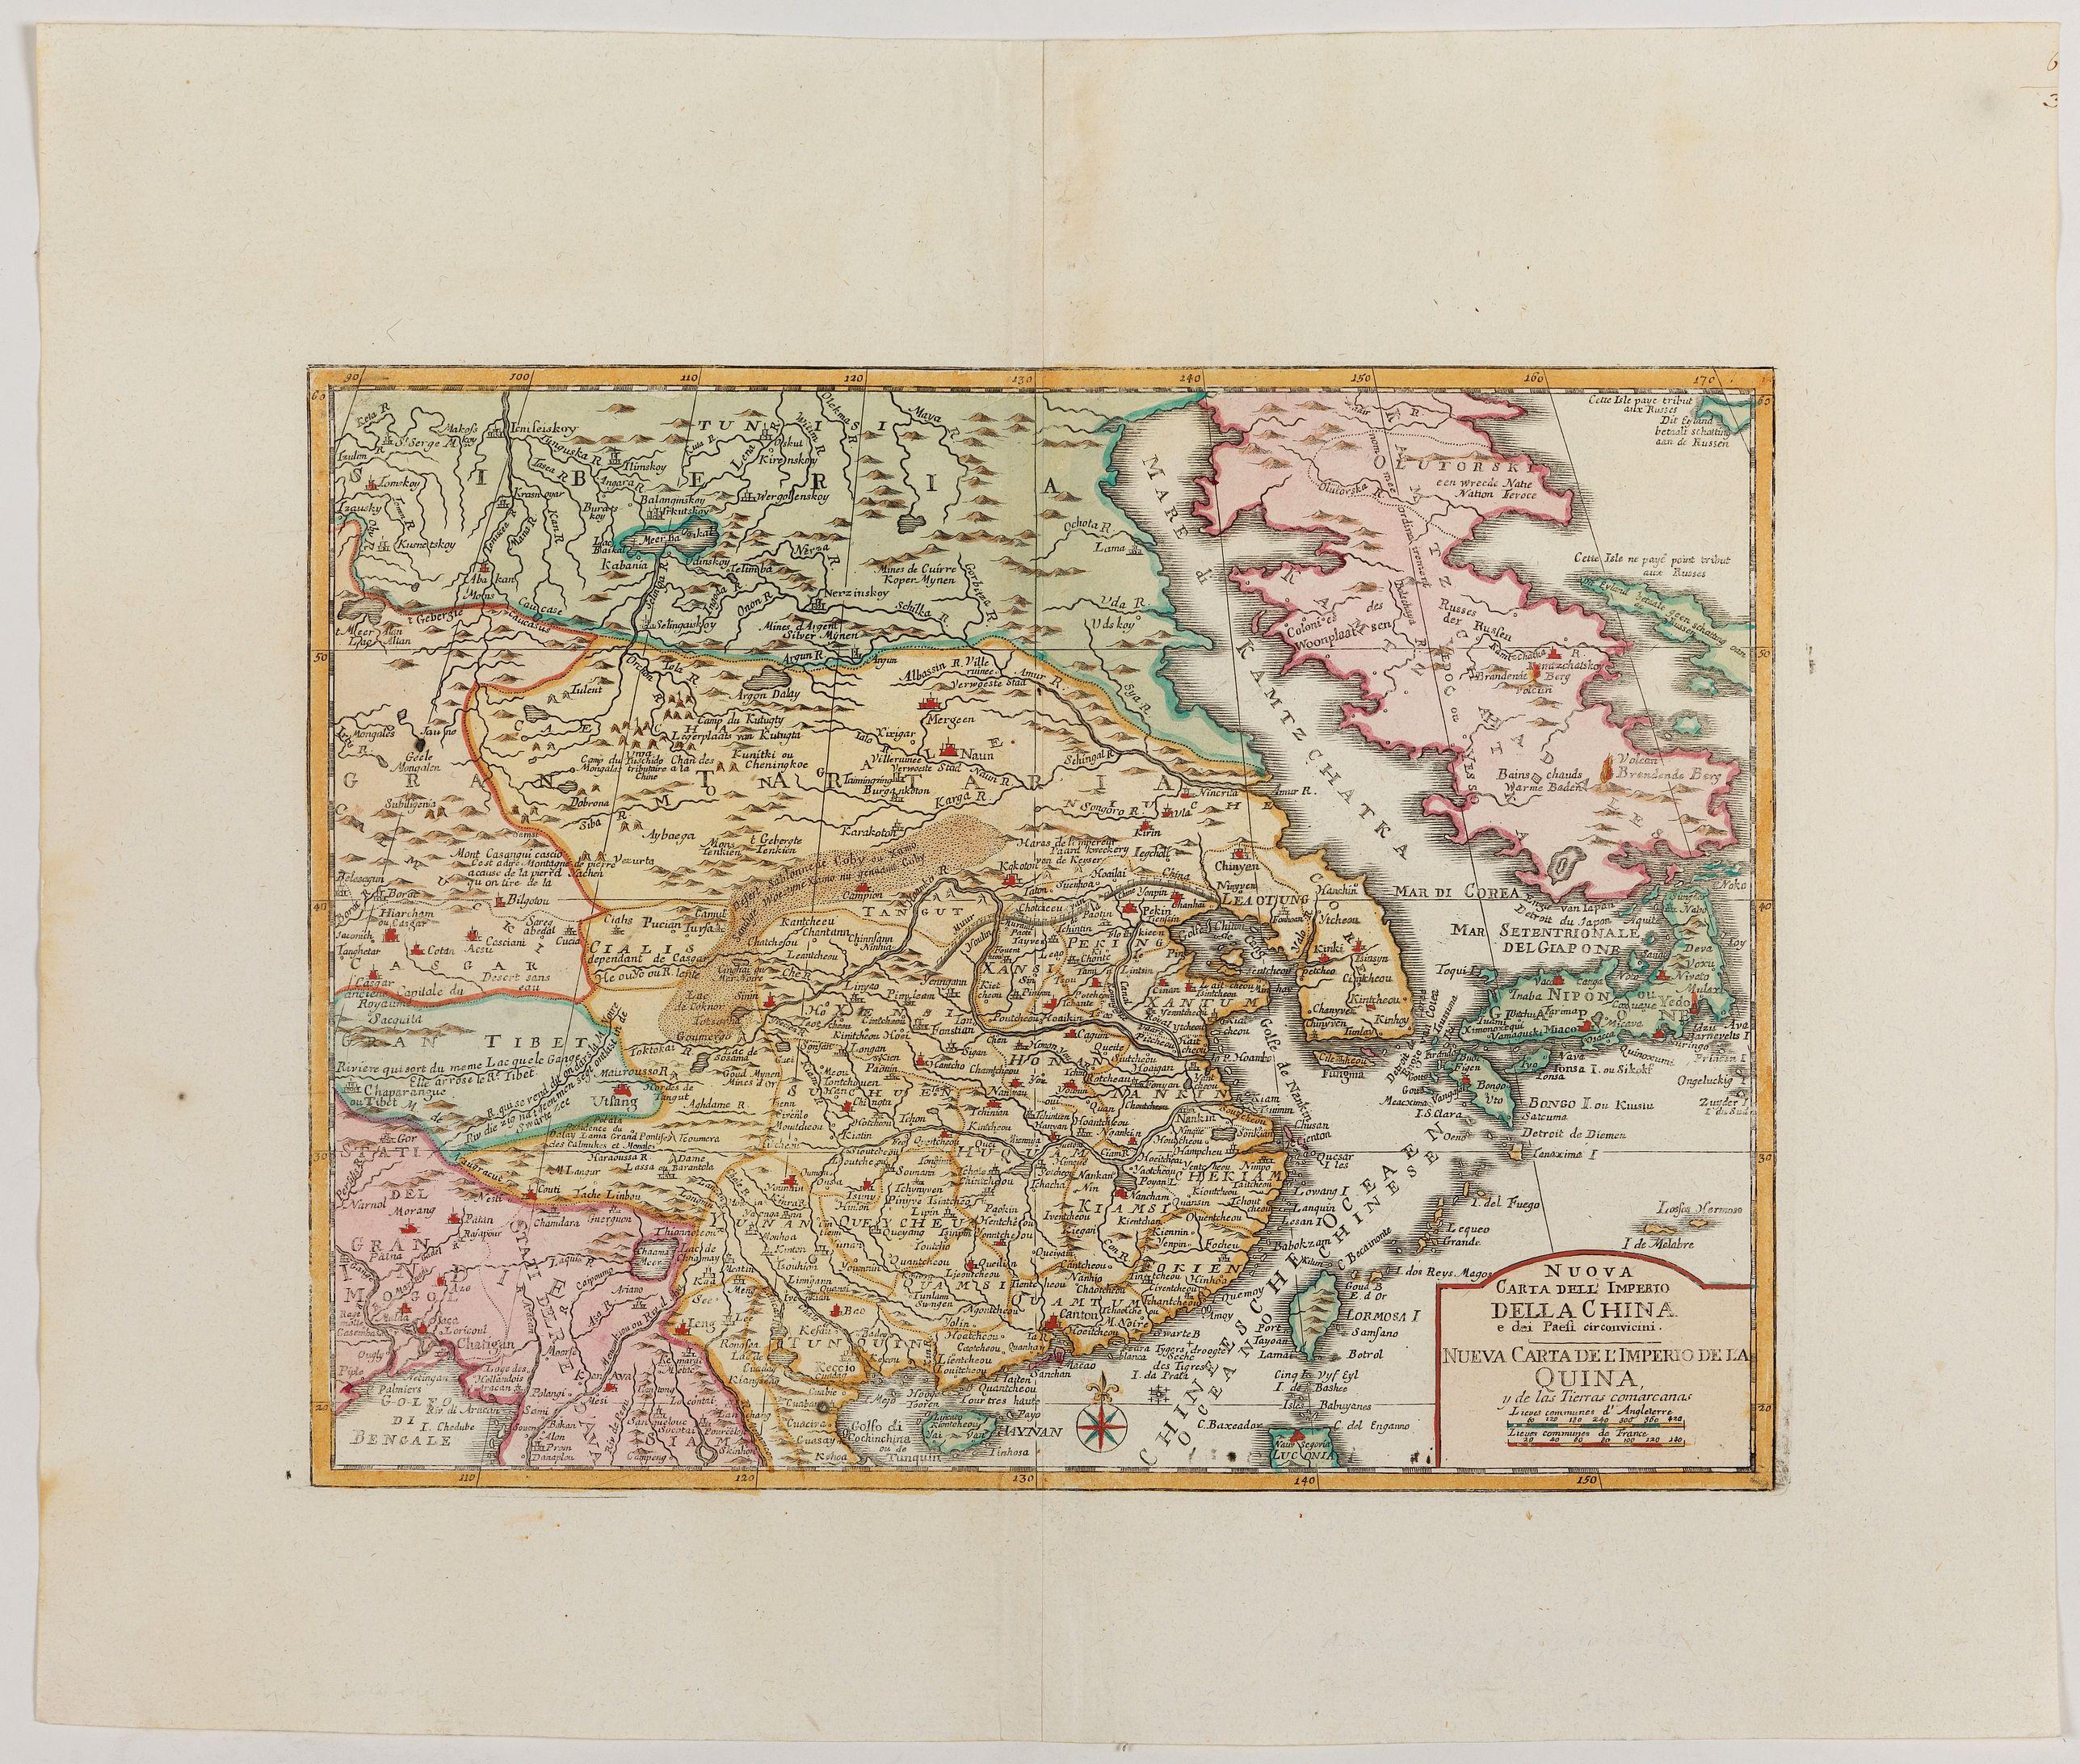 ALBRIZZI, G. -  Nuova carta dell' Imperio della Chia e dei Paesi circonvicini. / Nueva carta de l'Impario de la Quina.